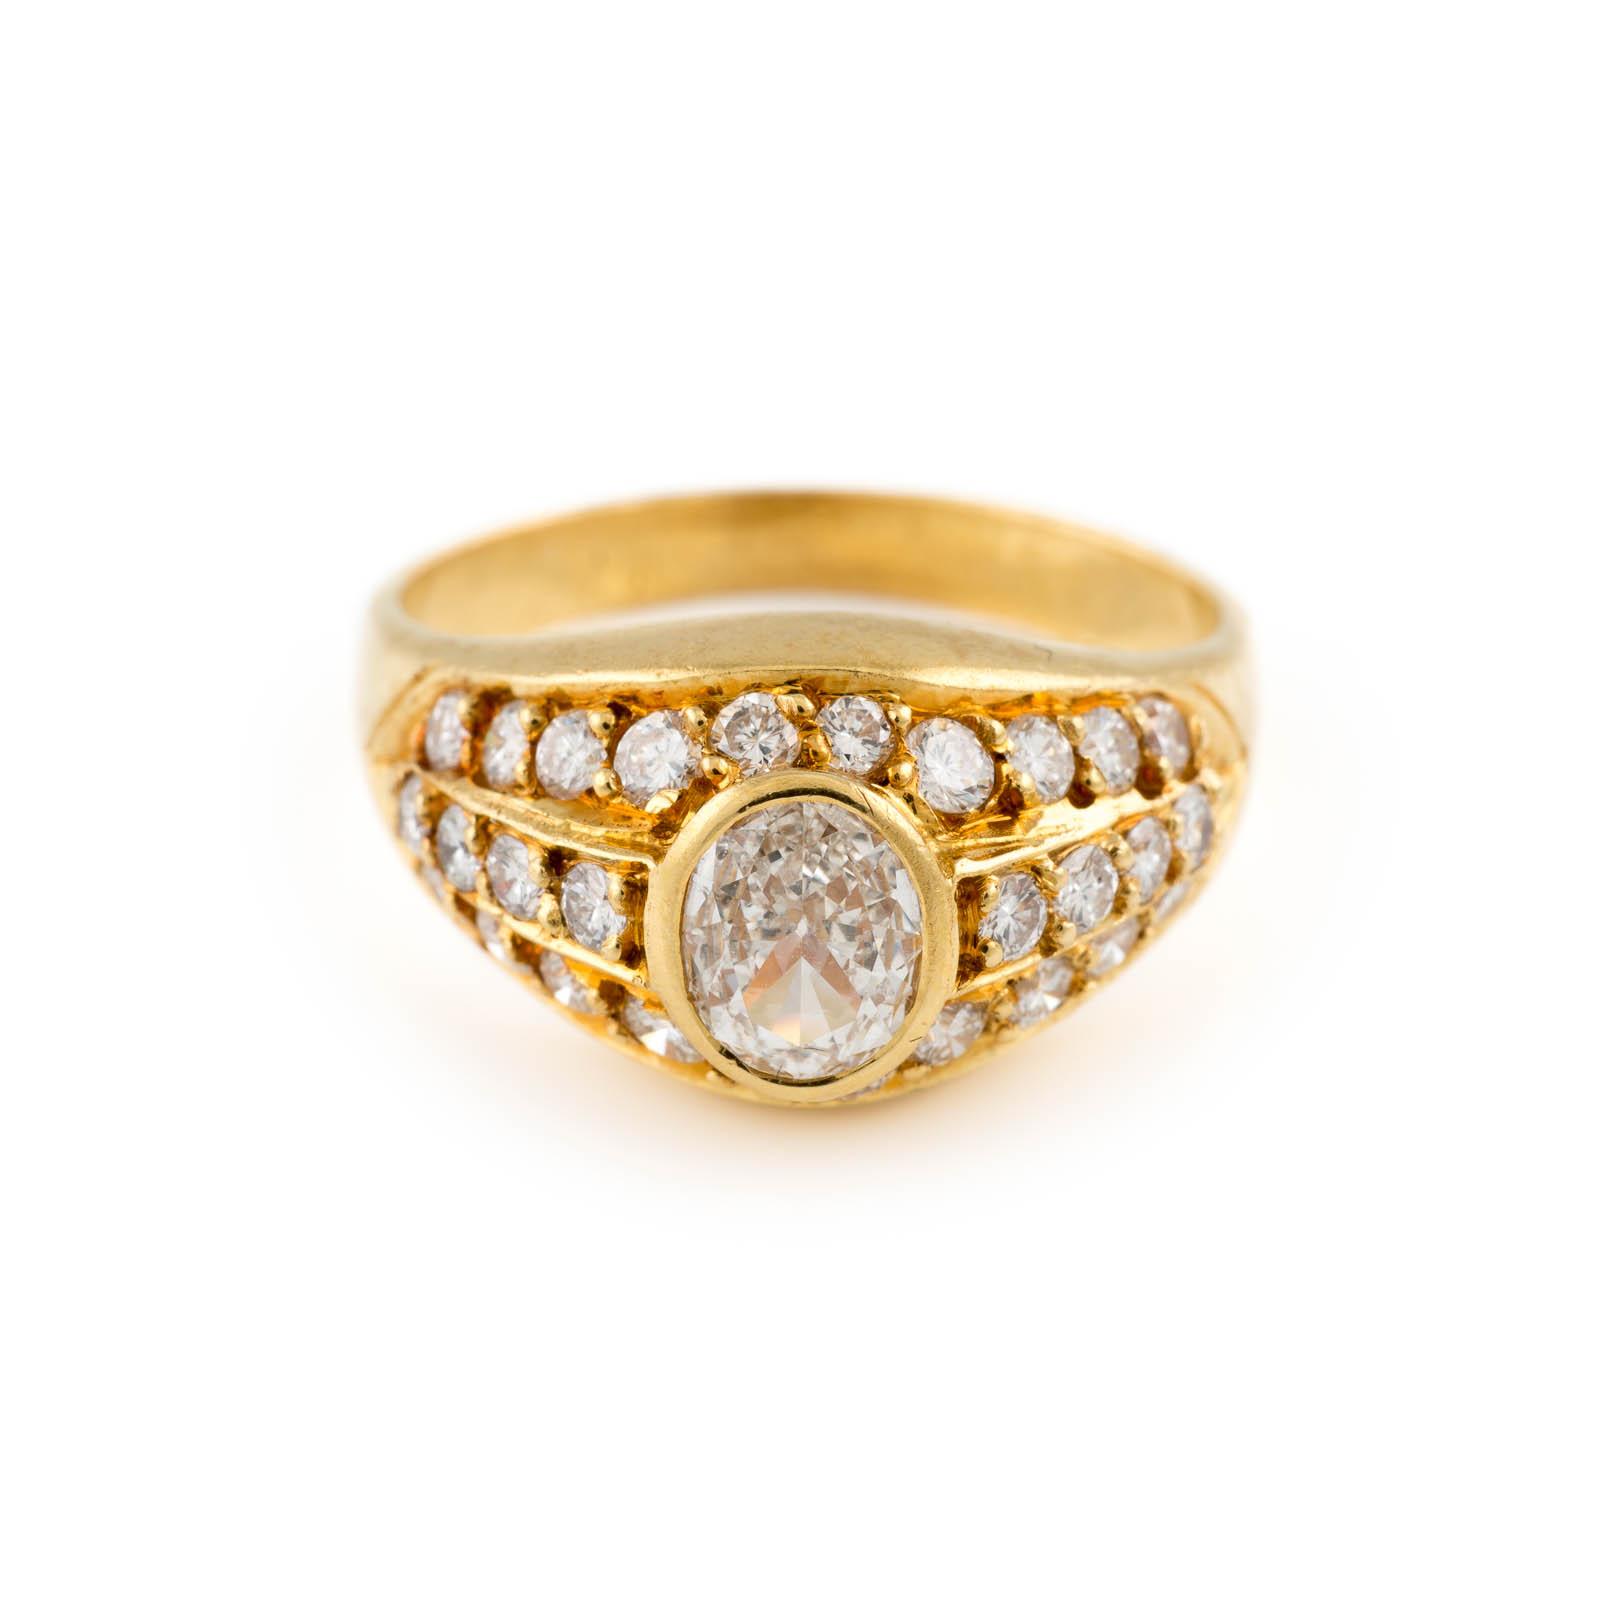 DIAMANT-RING Gelbgold. Ringmaß ca. 53, Ges.-Gew. ca. 5,3 g. Geprüft 18 K. Ein ovaler Diamant im